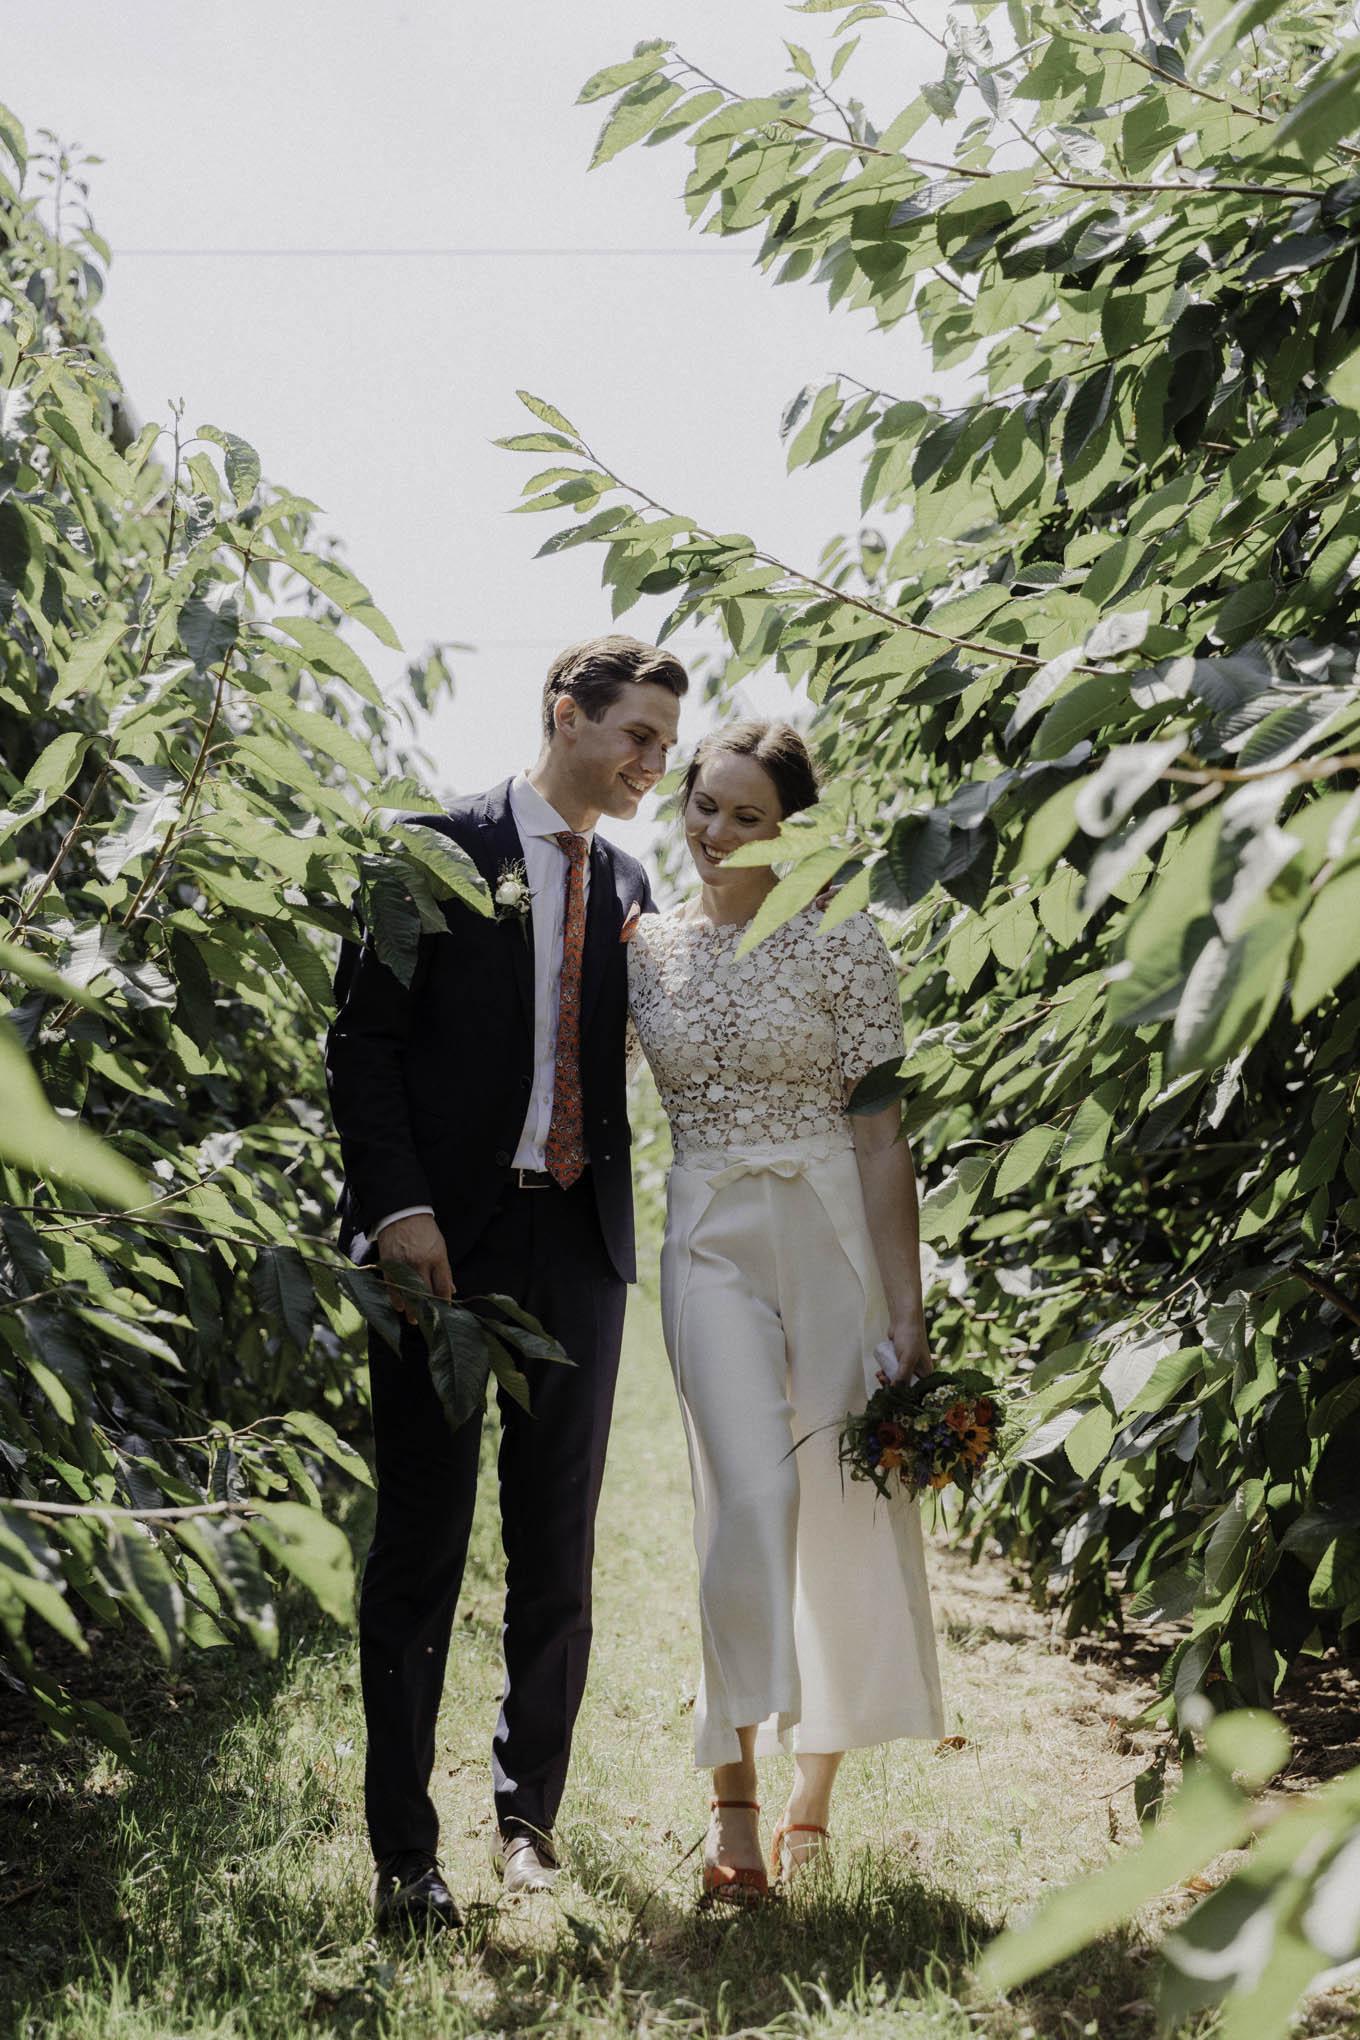 modernes ungestelltes Hochzeitsfoto